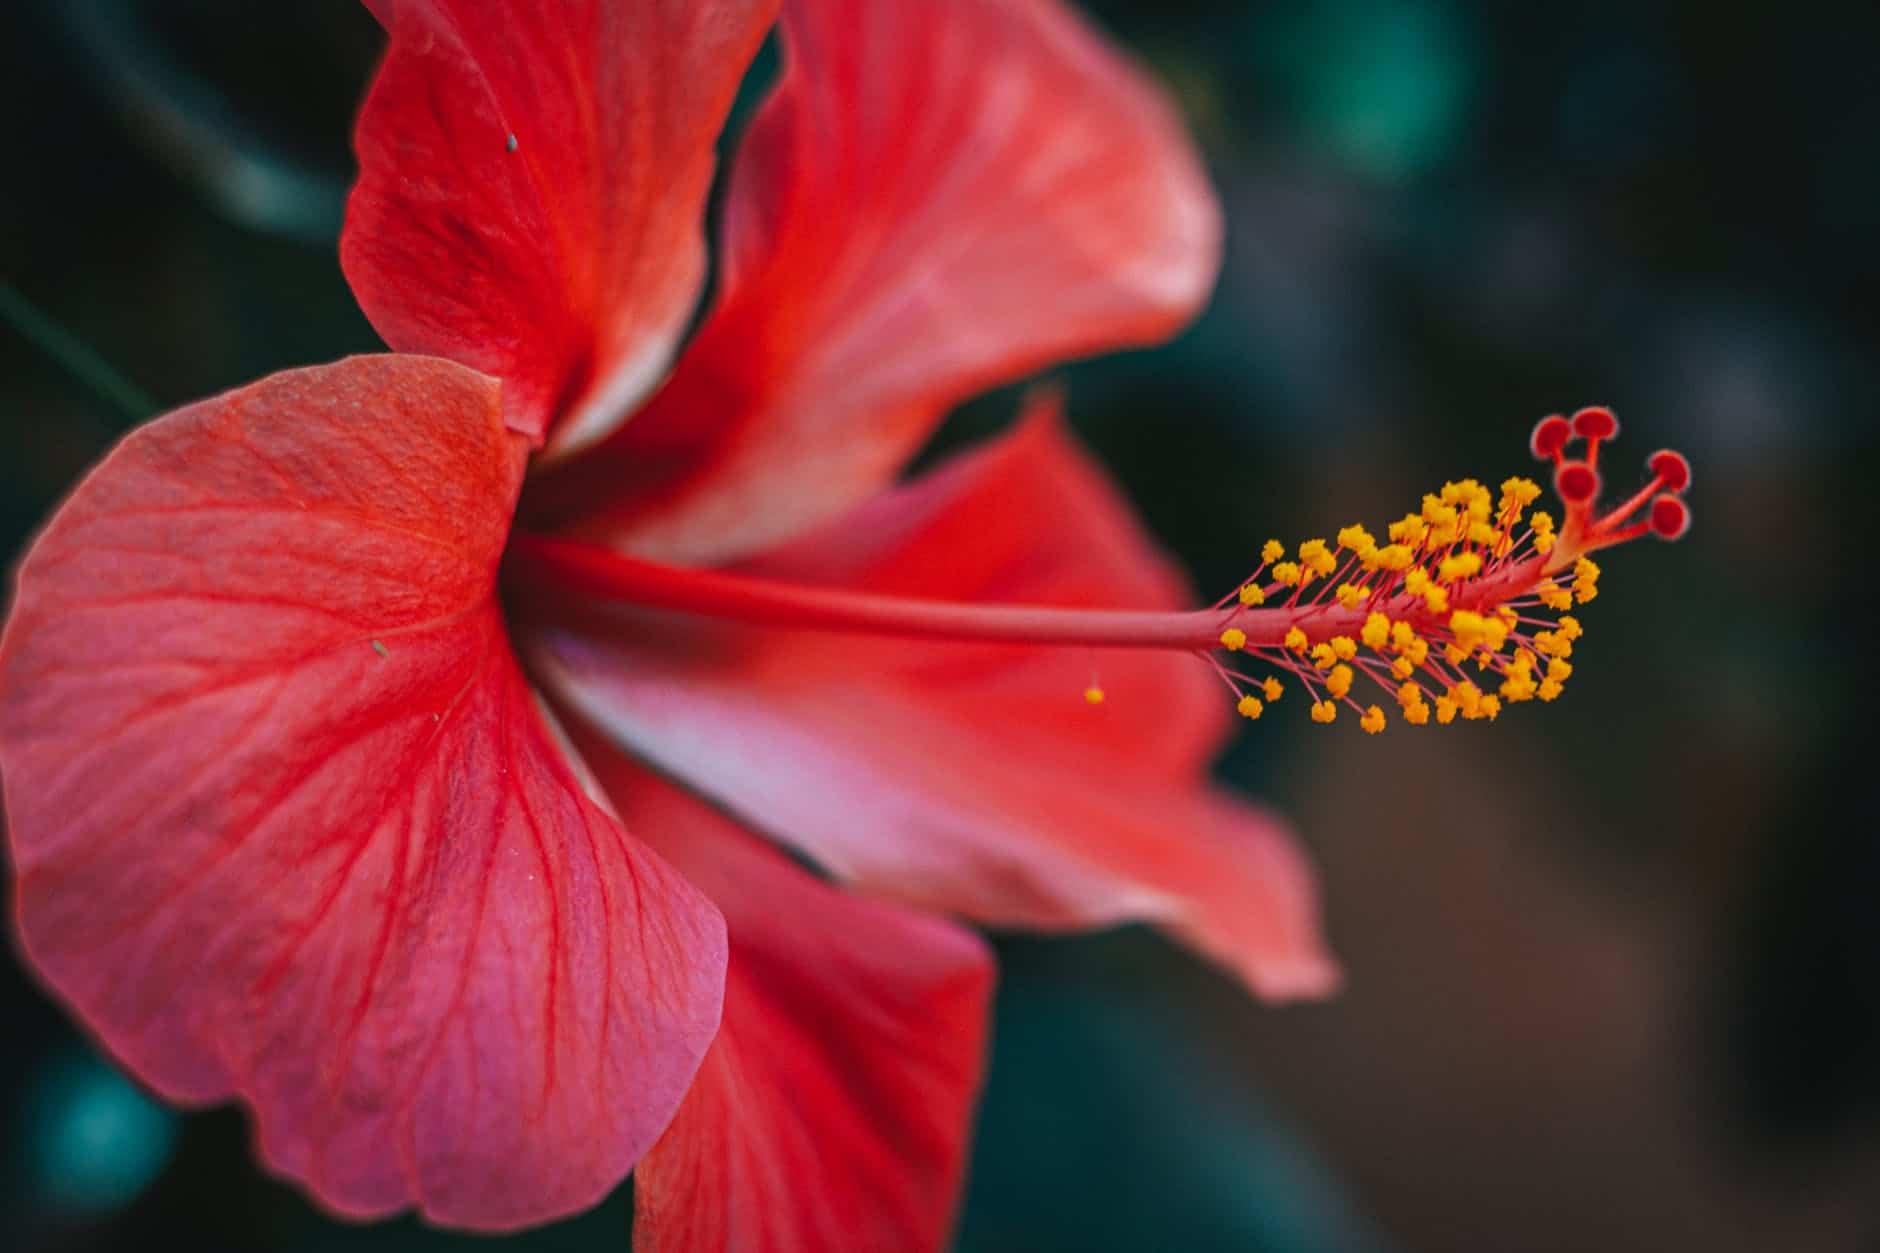 Цветение - увеличение количества пыльцы от цветков и развития проблем с дыханием